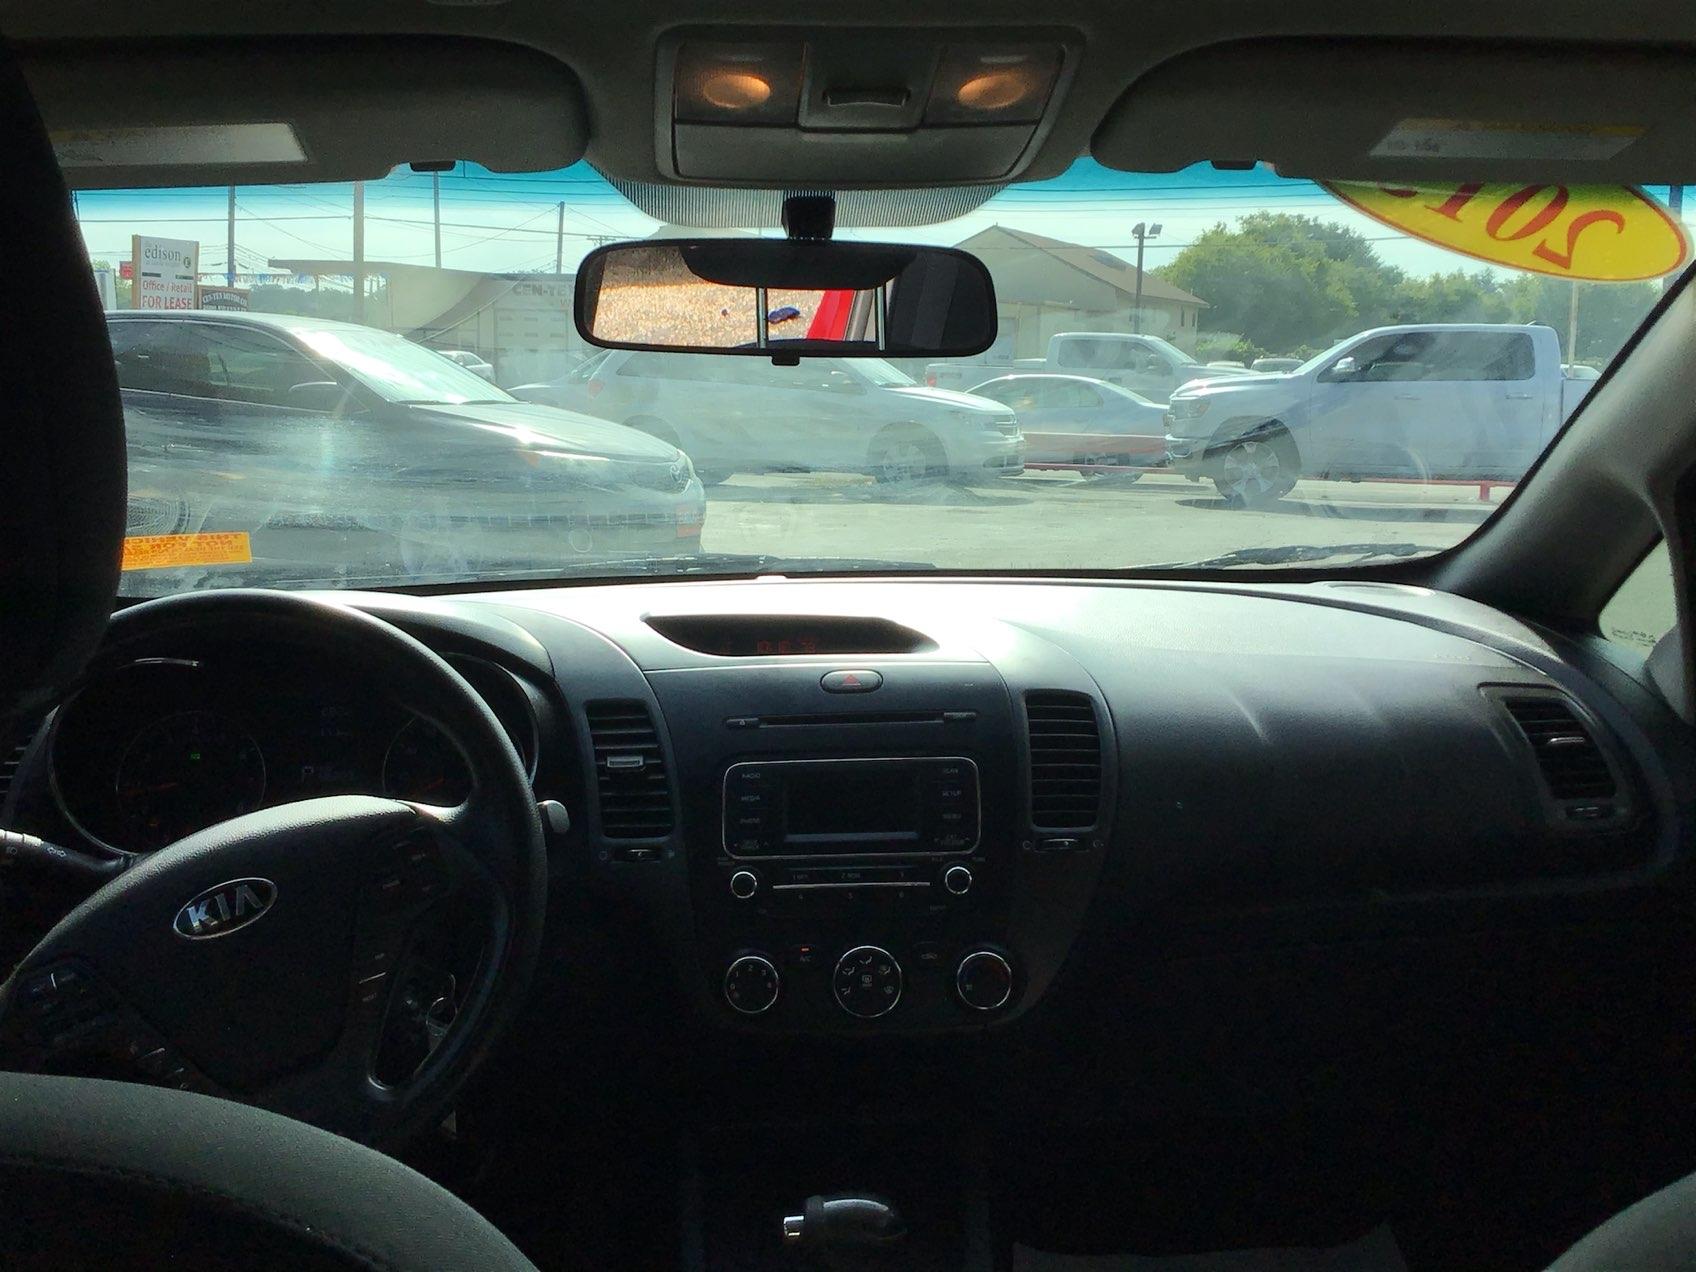 used vehicle - 4 DOOR SEDAN KIA FORTE 2014